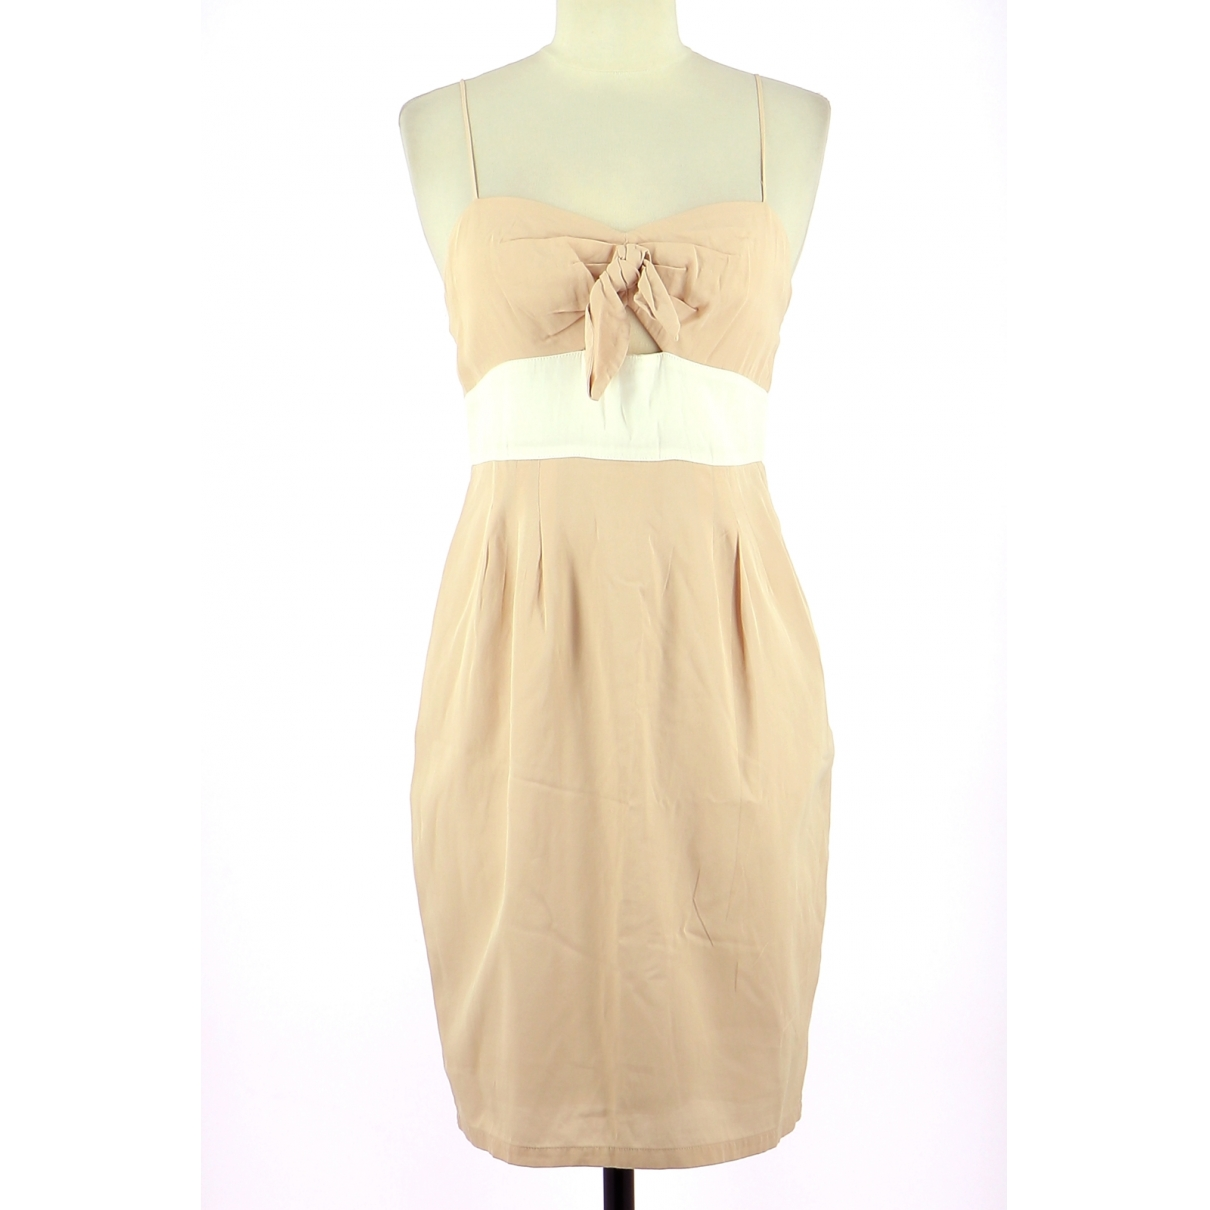 Sandro \N Beige dress for Women 36 FR